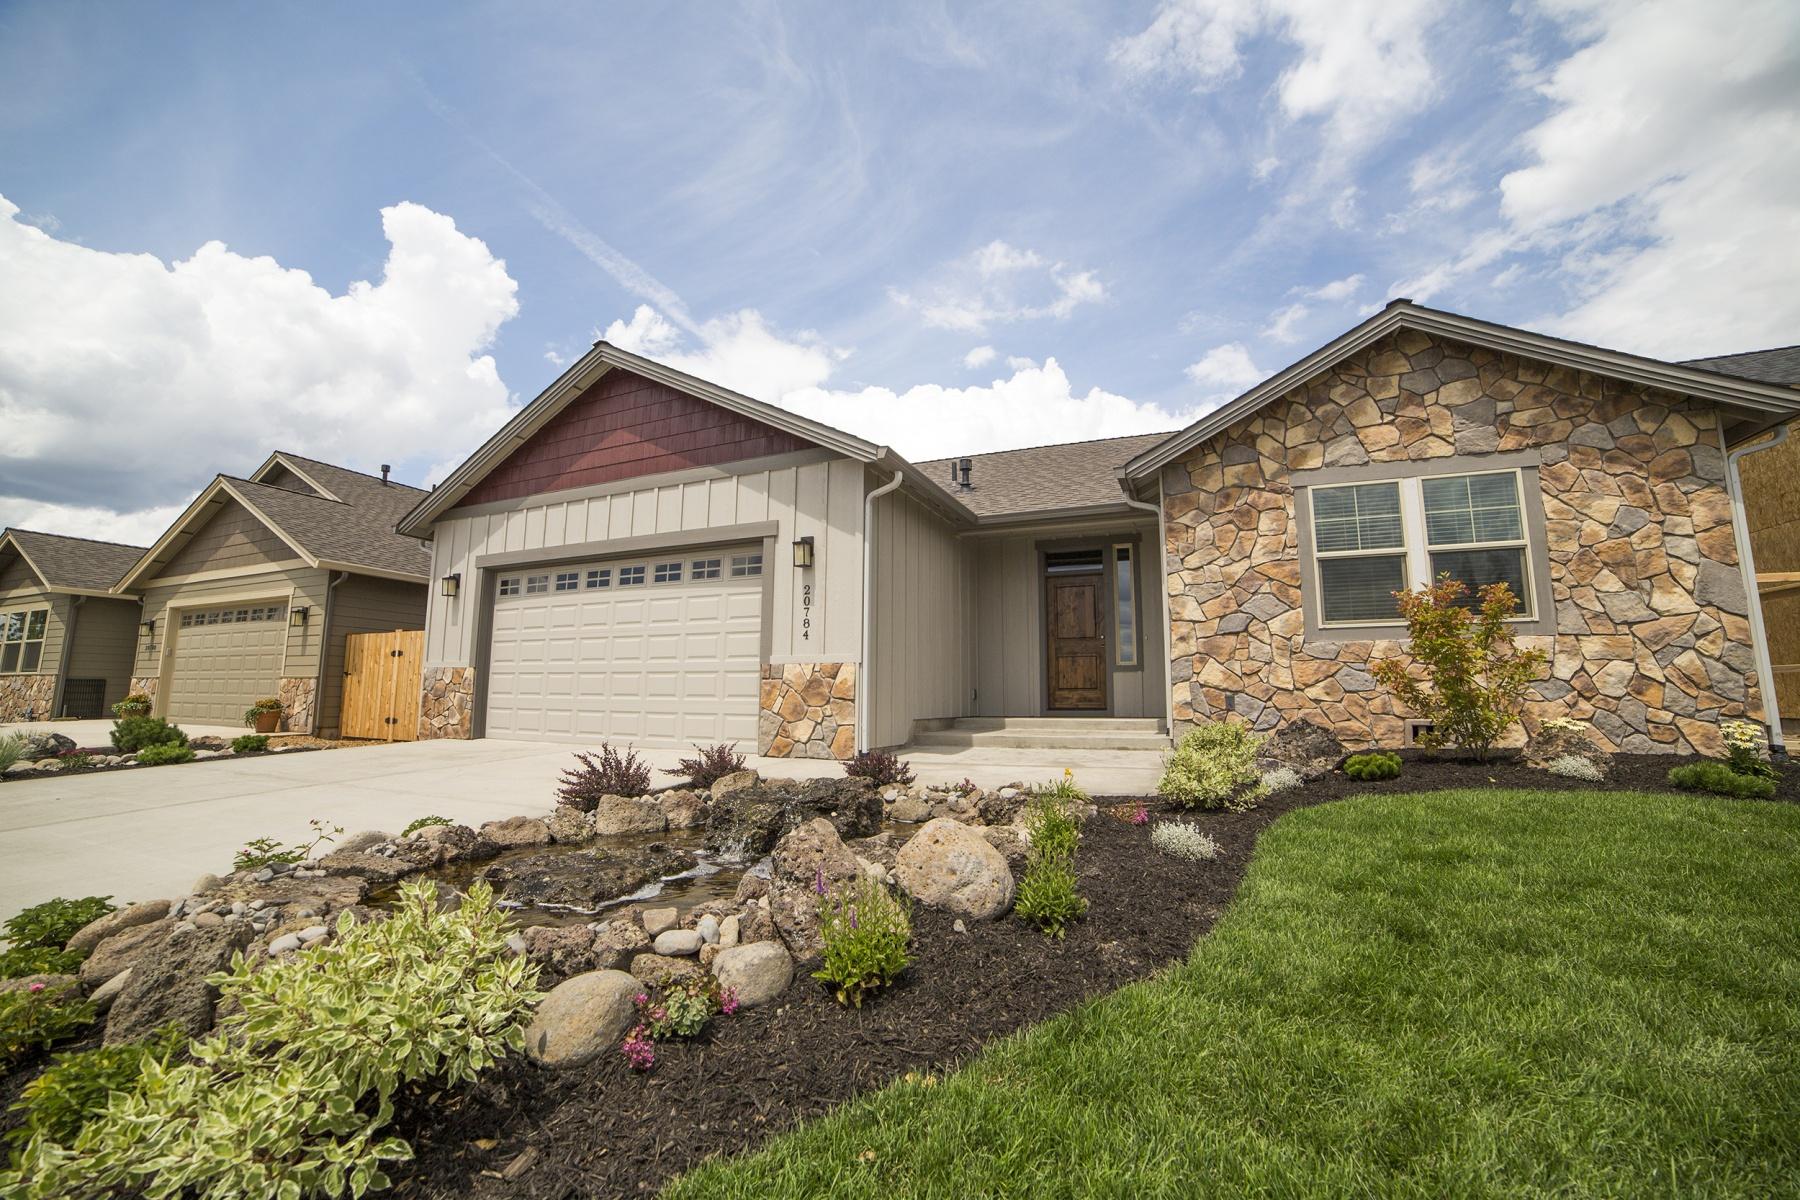 一戸建て のために 売買 アット 20788 Horizon Ridge Place, BEND Bend, オレゴン 97701 アメリカ合衆国